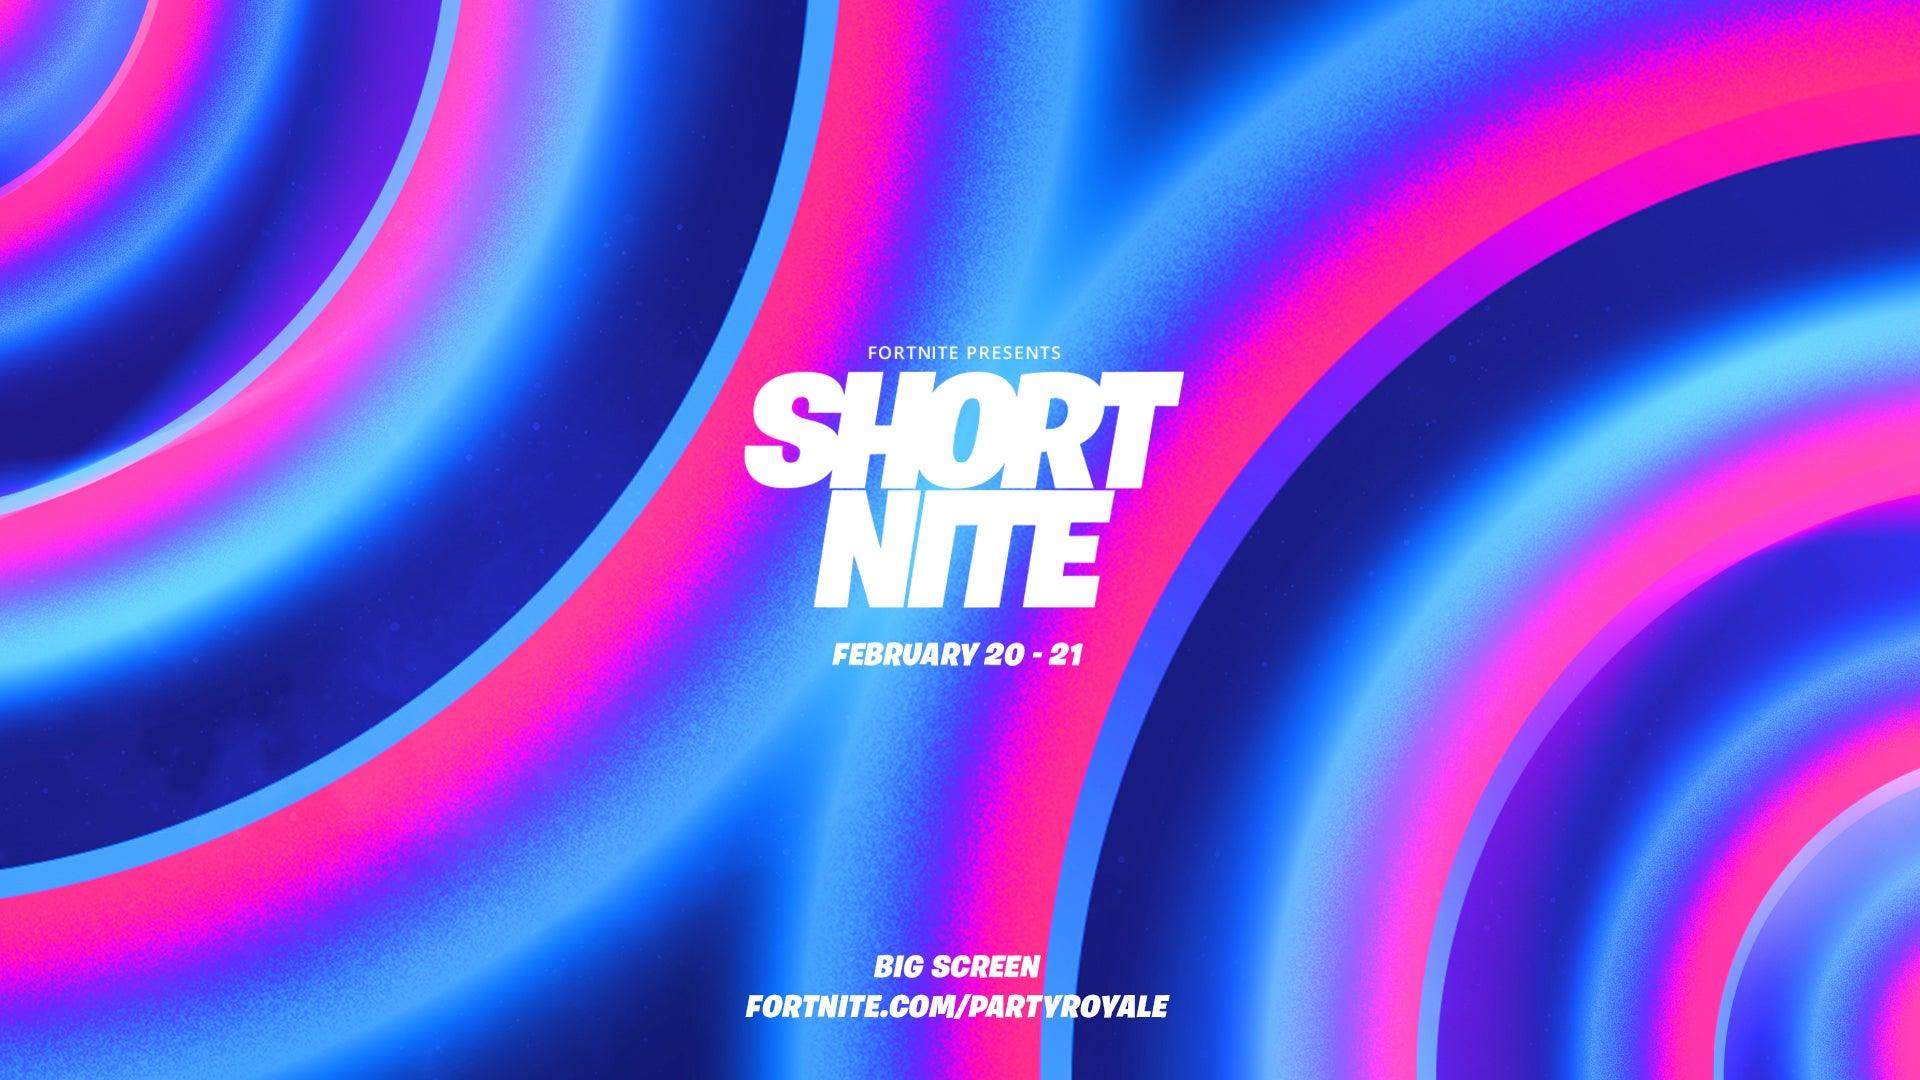 Image for Fortnite is hosting a short film festival